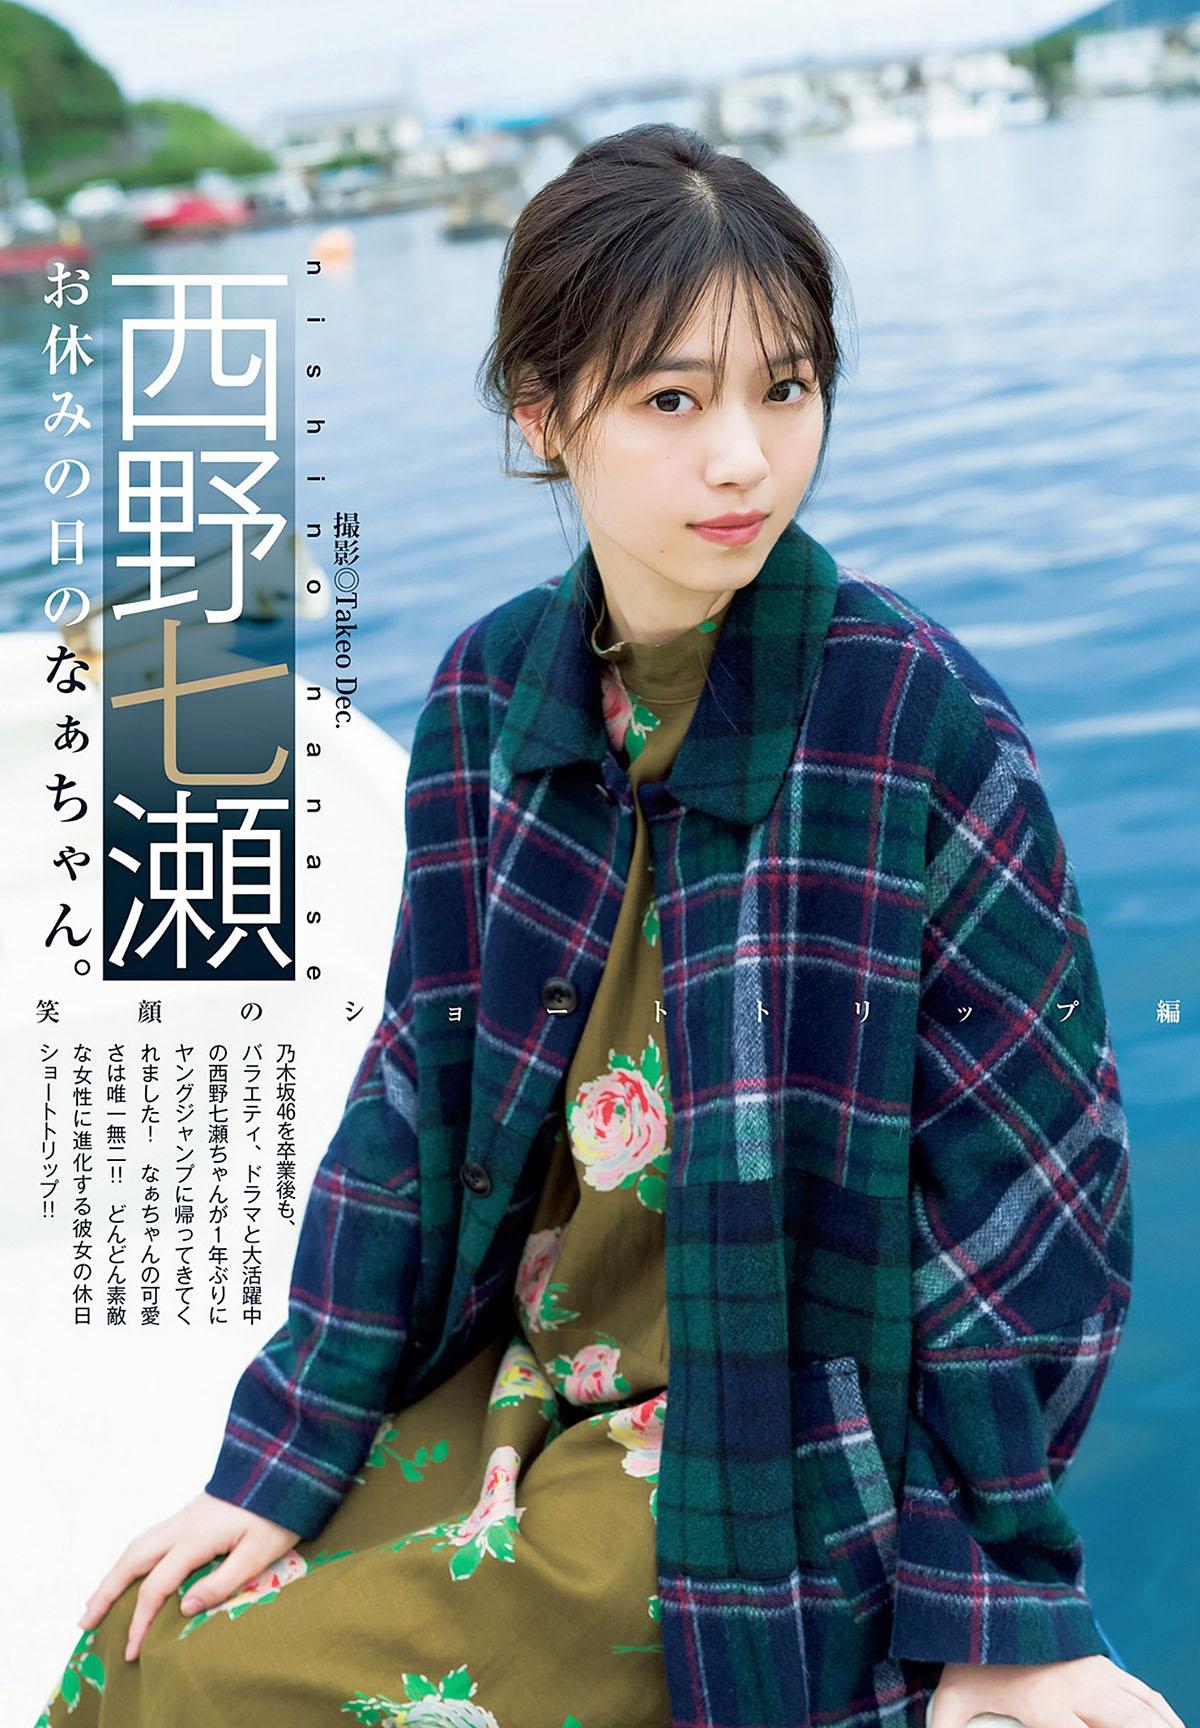 NNishino Young Jump 210218 02.jpg